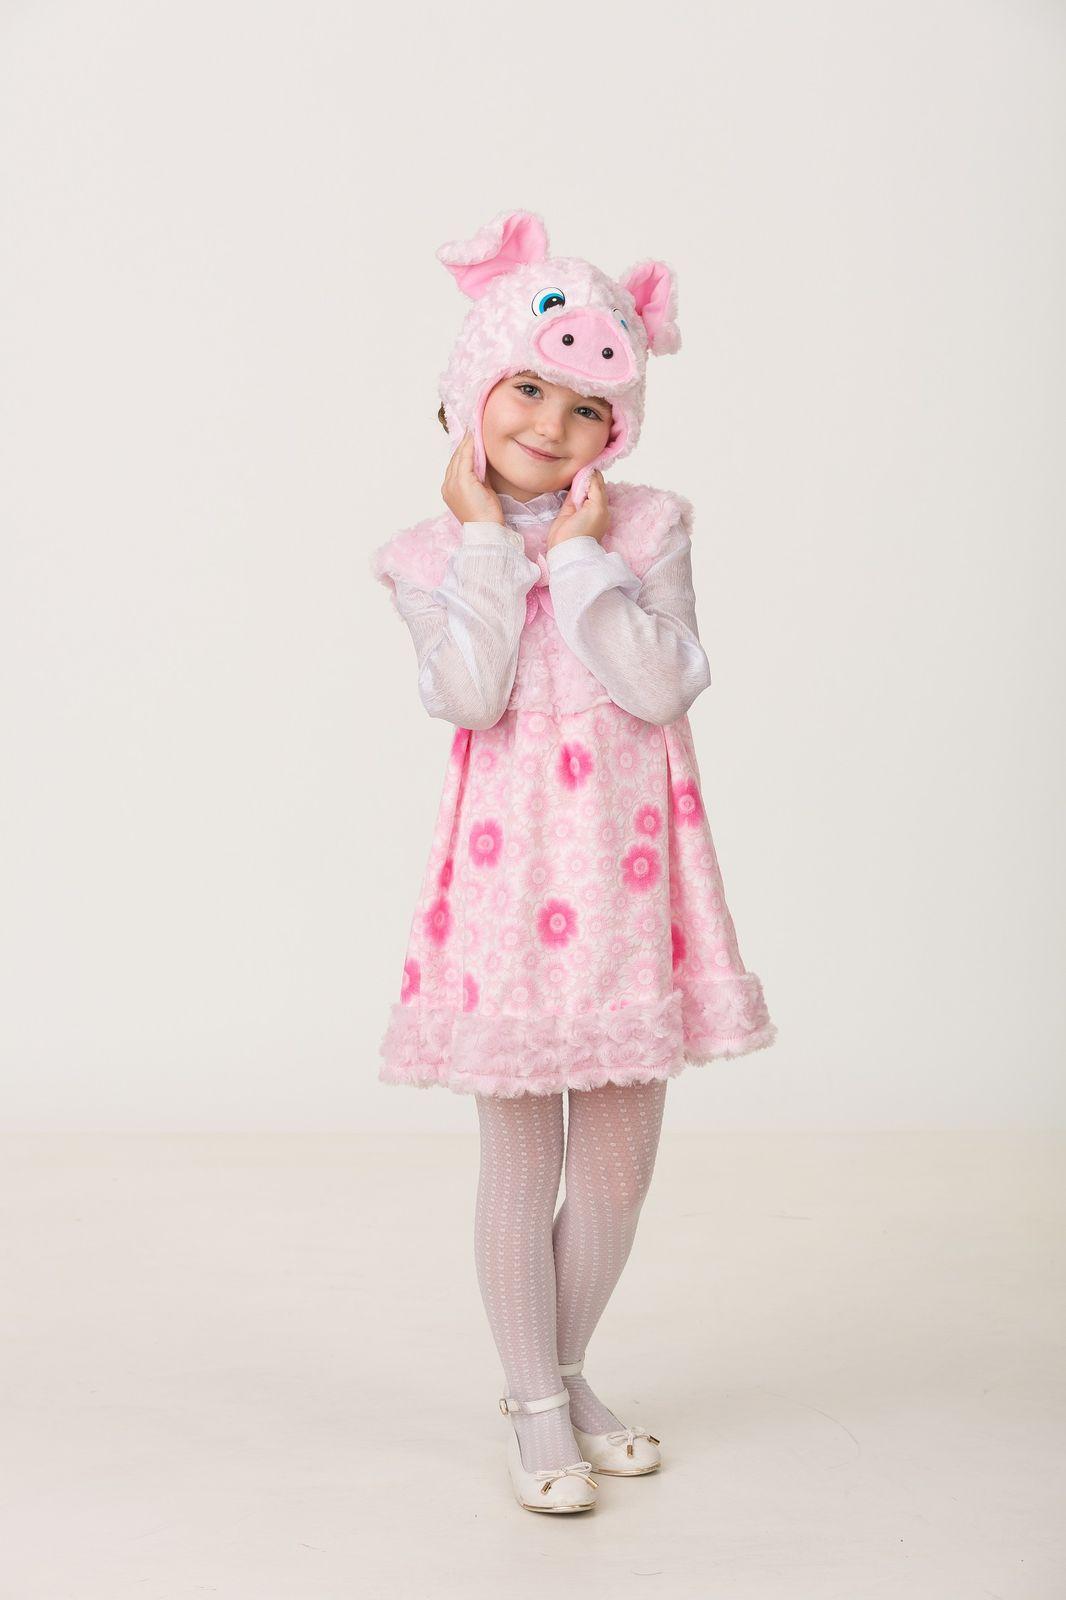 Карнавальный костюм Jeanees Свинка Бетта, цвет: розовый. Размер: 26 карнавальный костюм jeanees зайка капризка цвет голубой размер 30